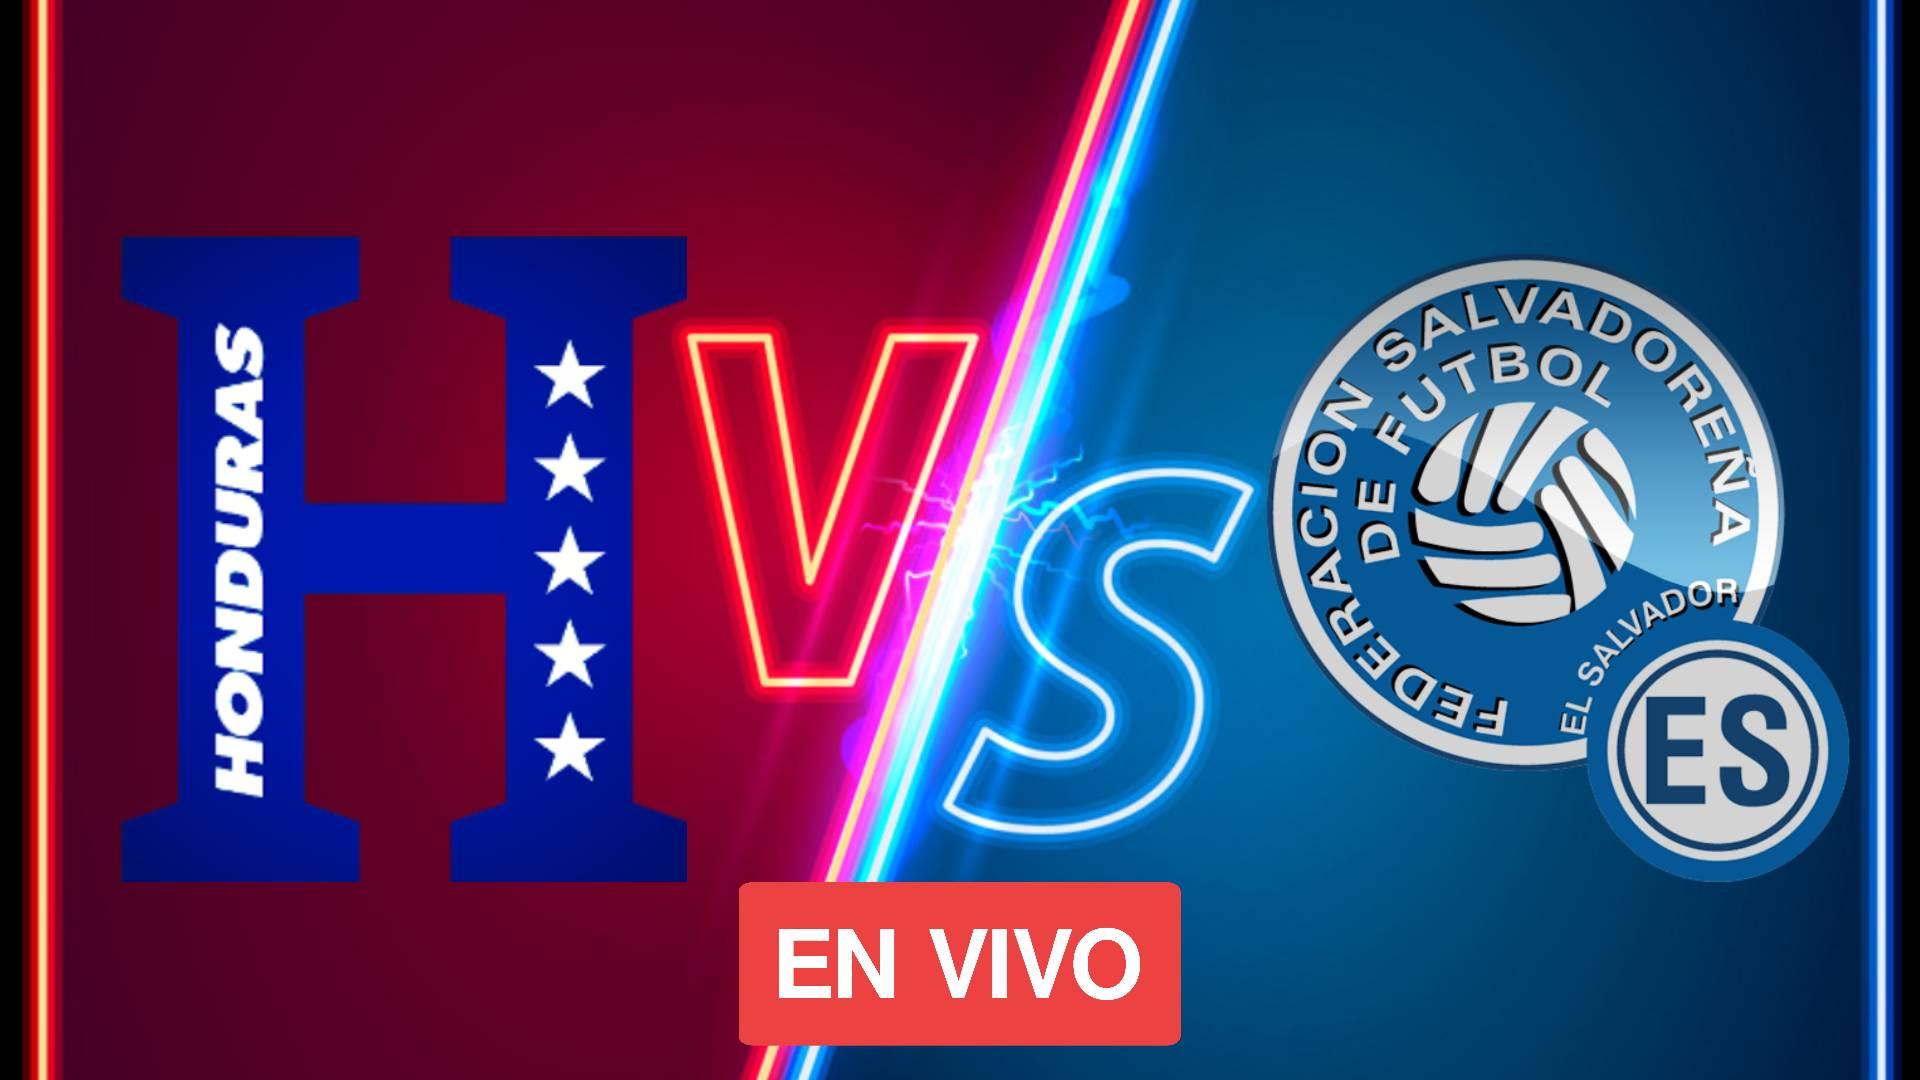 El Salvador vs Honduras En Vivo Online